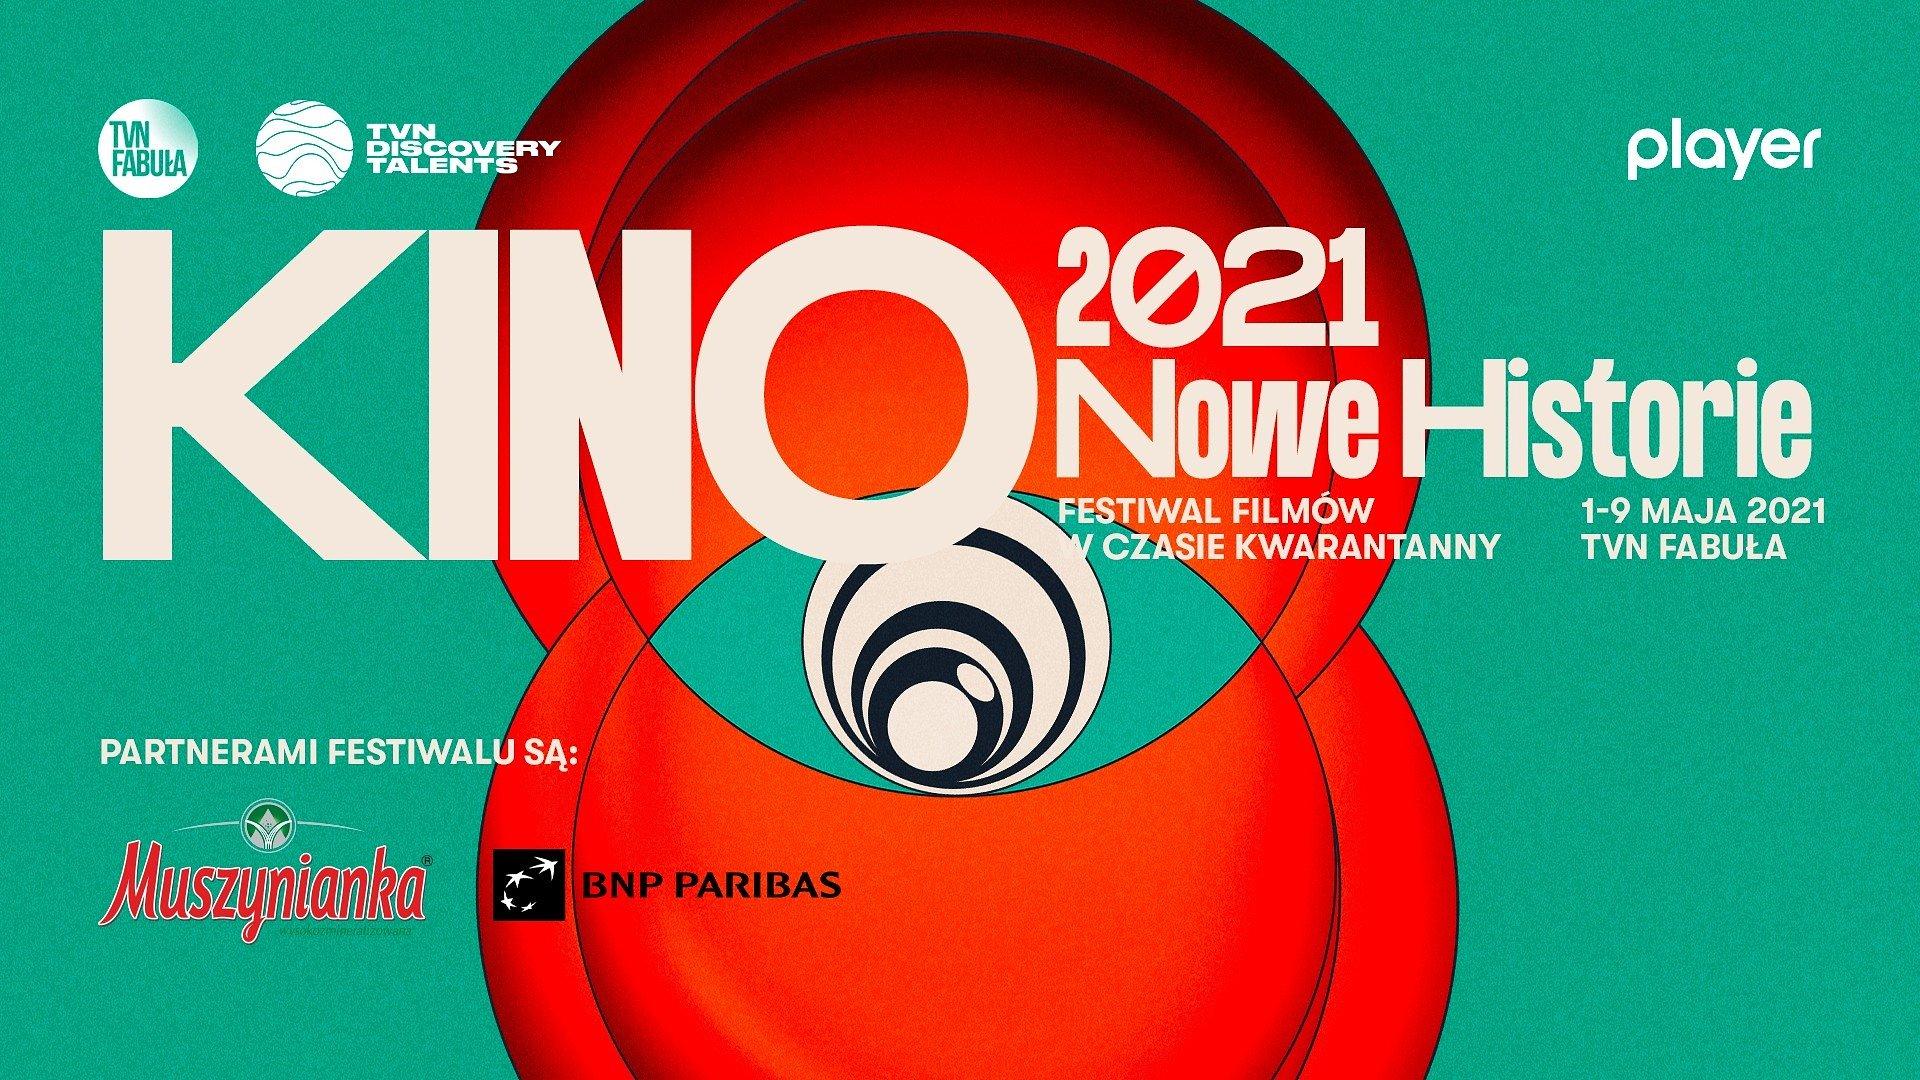 Znamy laureatów Festiwalu KINO 2021. NOWE HISTORIE